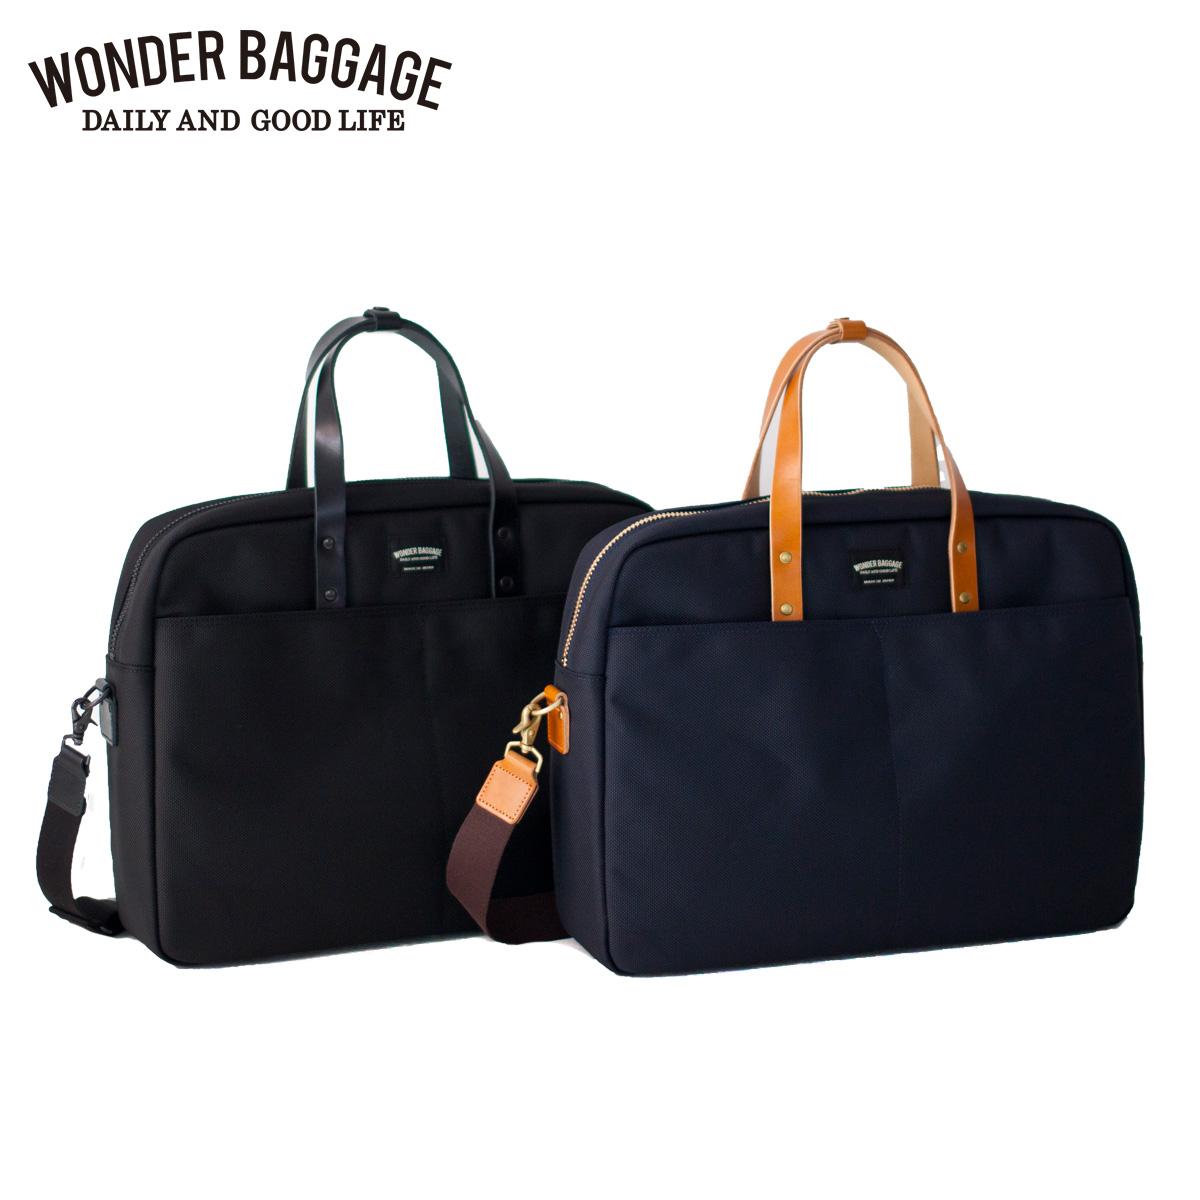 ワンダーバゲージ WONDER BAGGAGE バッグ ビジネスバッグ ブリーフケース ショルダー グッドマンズ メンズ GOODMANS BUSINESS BRIEF CASE ブラック ネイビー 黒 WB-G-007